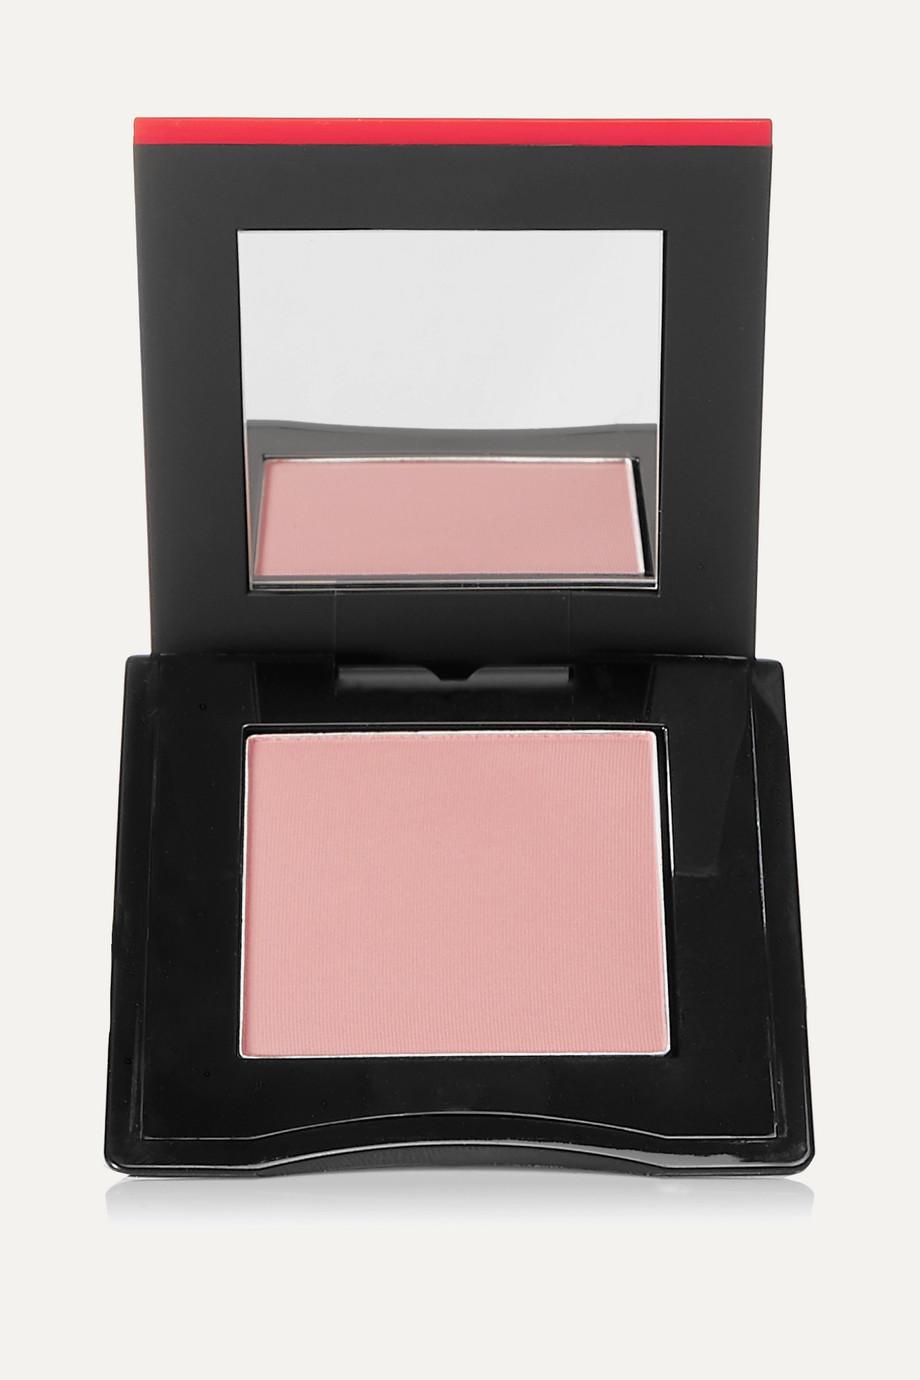 Shiseido InnerGlow CheekPowder – Aura Pink 04 – Rouge